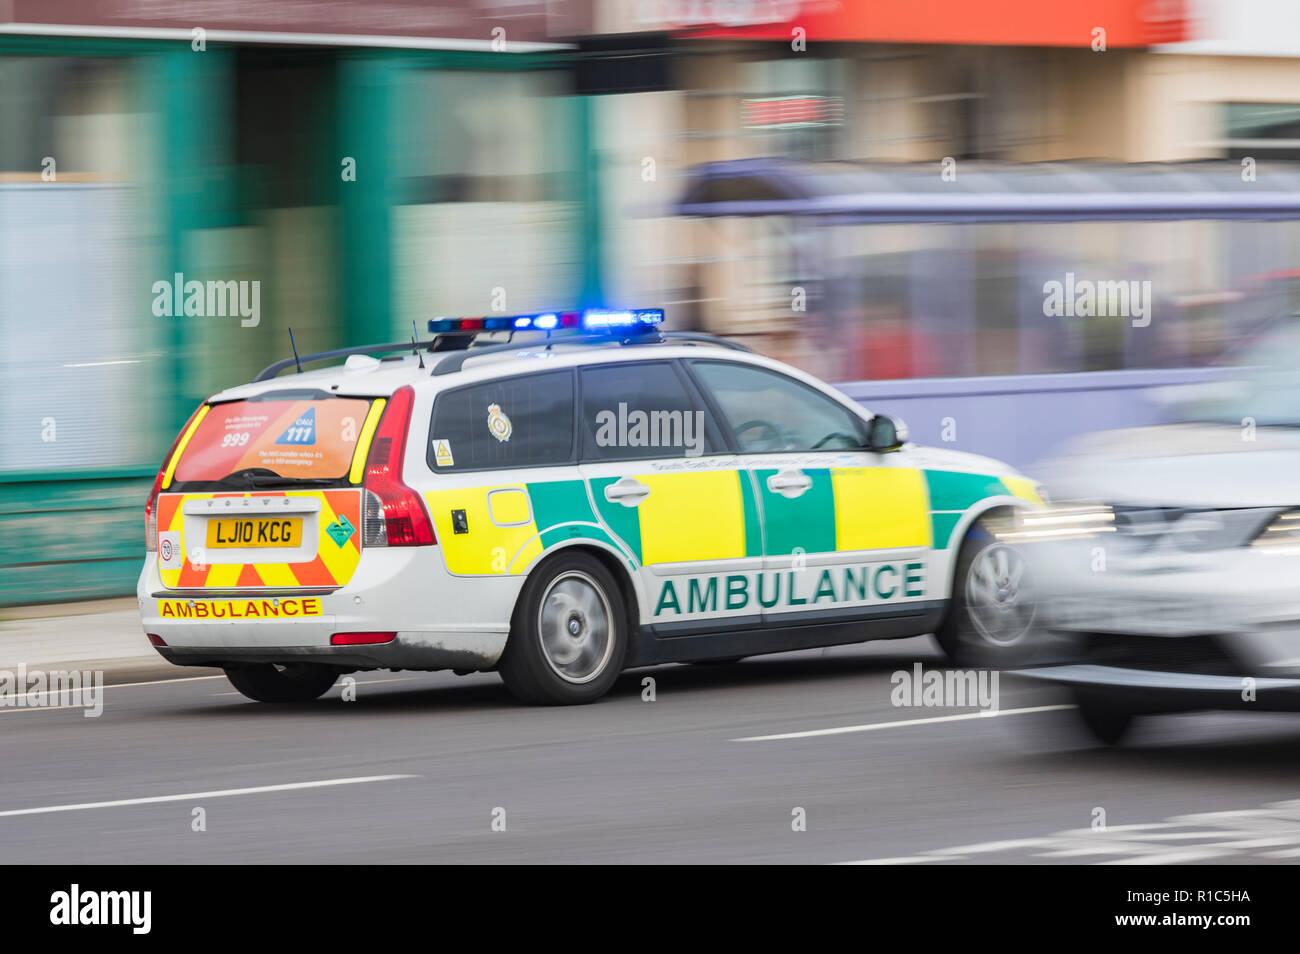 Réponse rapide Ambulance voiture avec feux bleus clignotants sur moyen d'appel d'urgence dans le West Sussex, Royaume-Uni. L'effet de flou. Banque D'Images